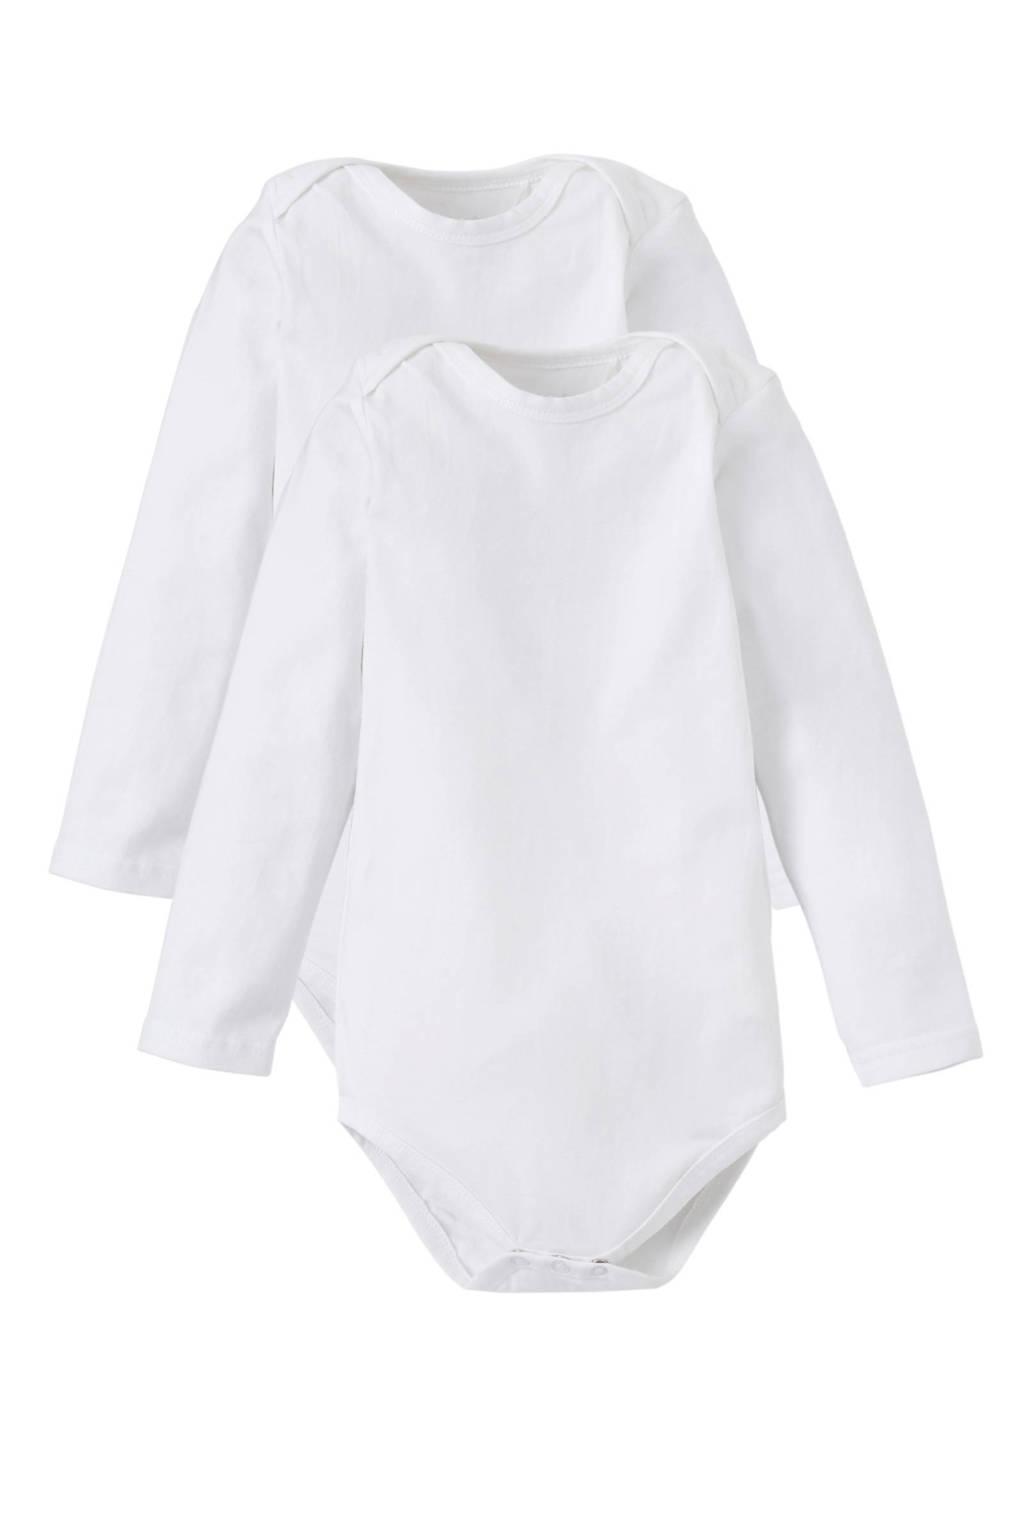 Dirkje newborn baby romper - set van 2 wit, Wit, Lange mouw